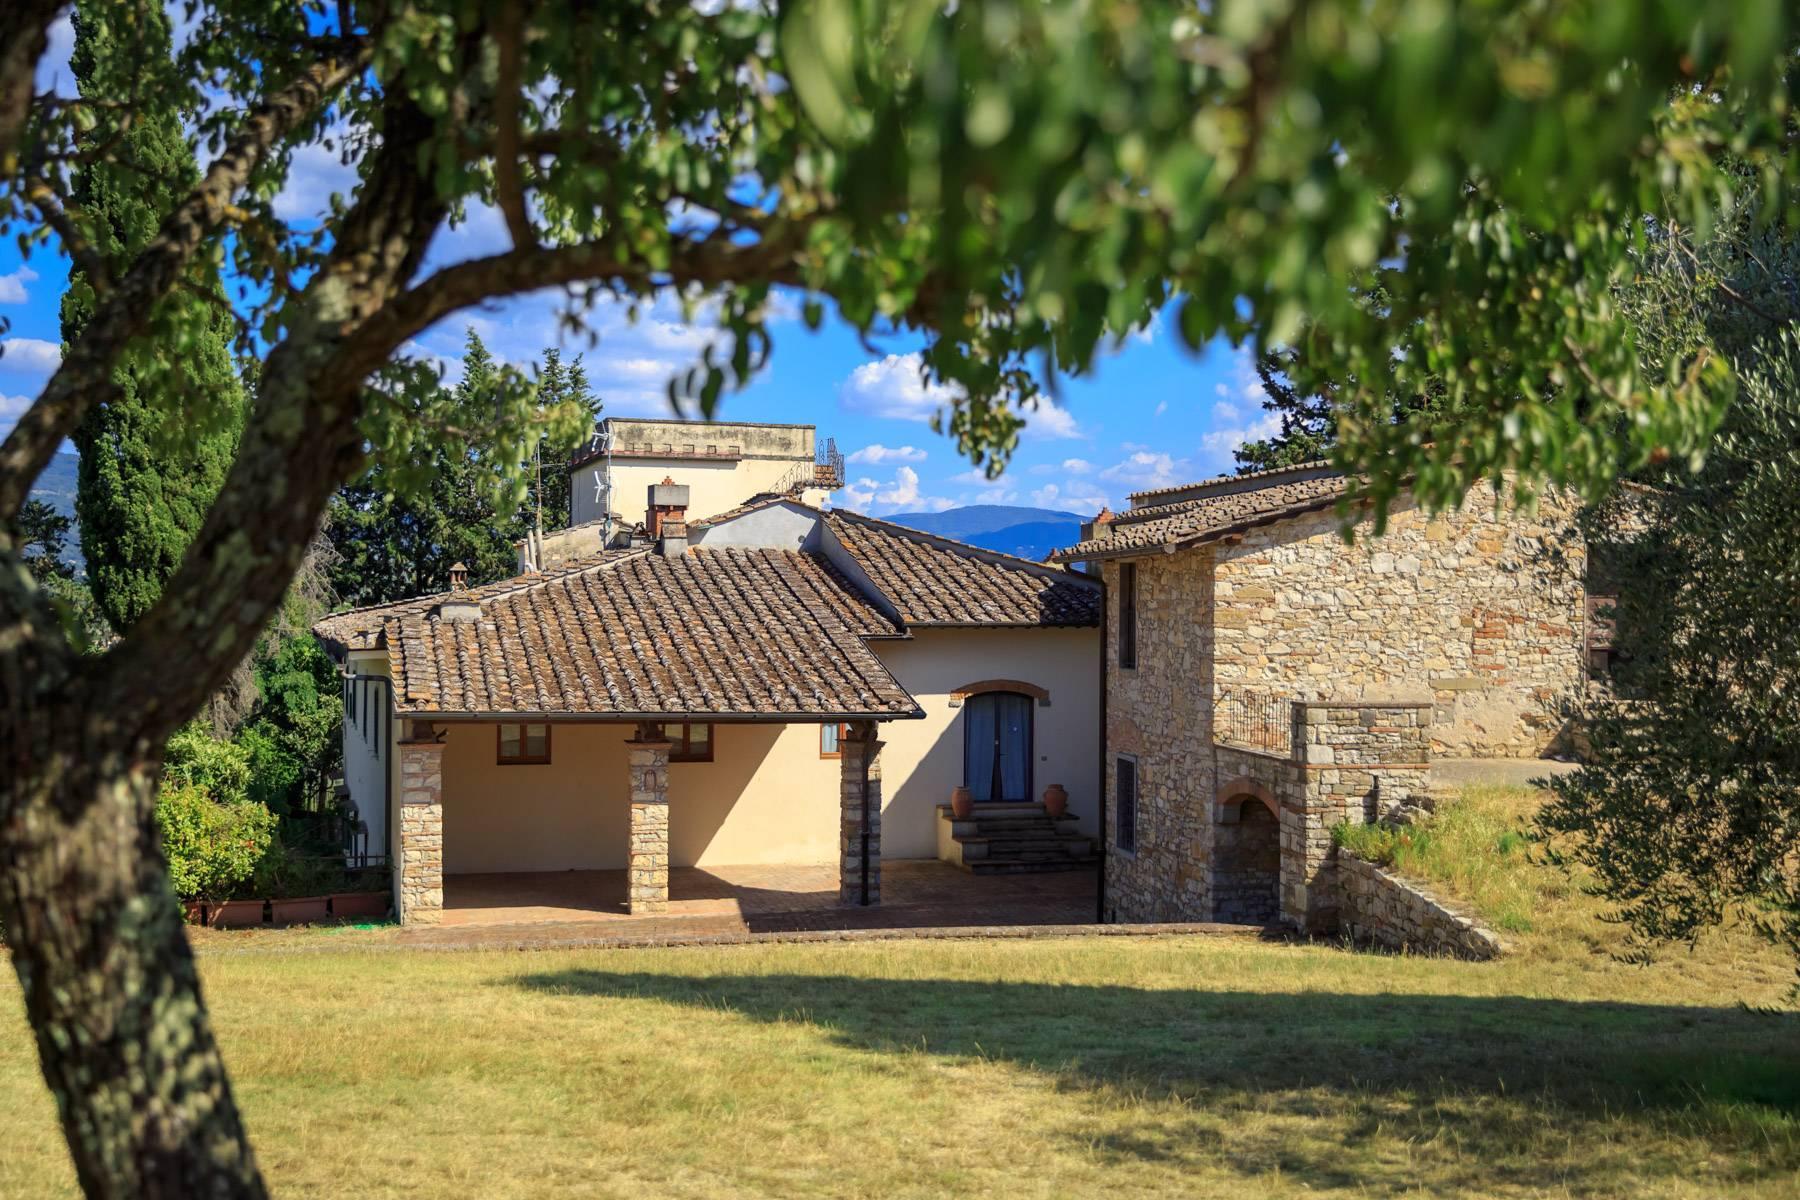 Grande villa antica con oliveto a 10 minuti da Firenze - 10